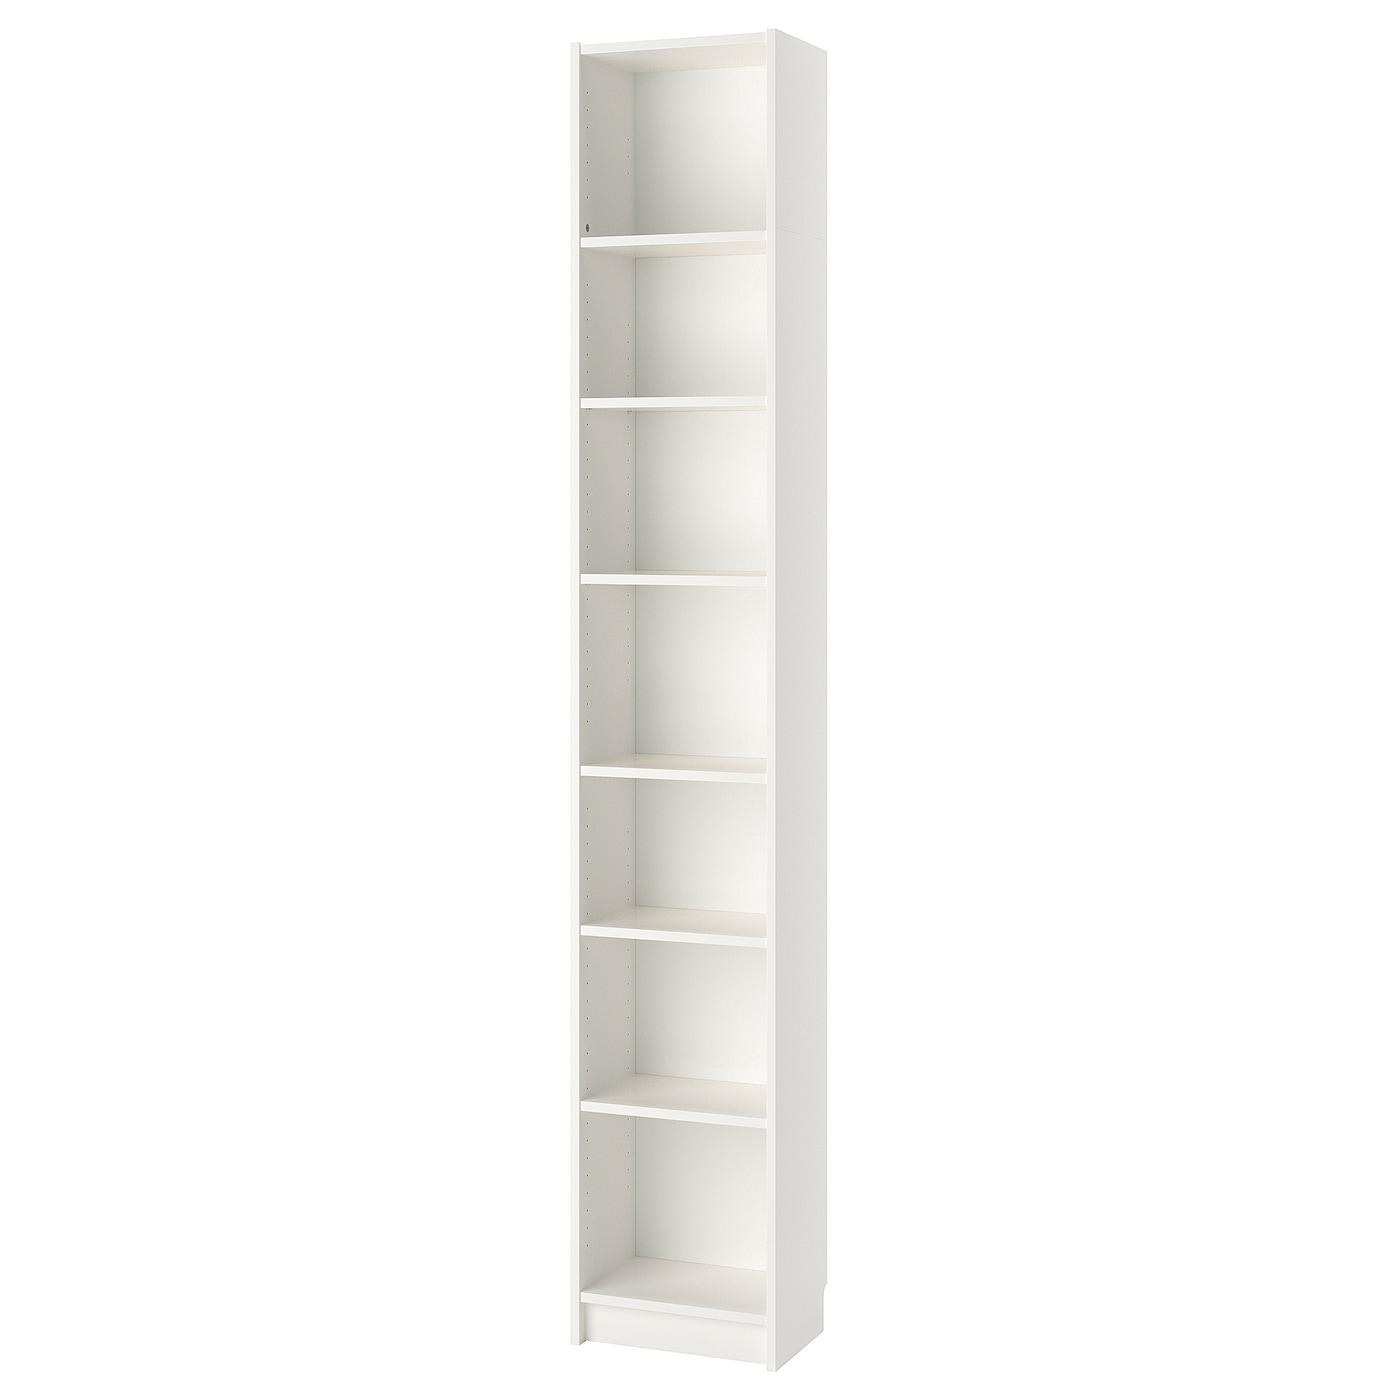 IKEA BILLY biały regał, 40x28x237 cm